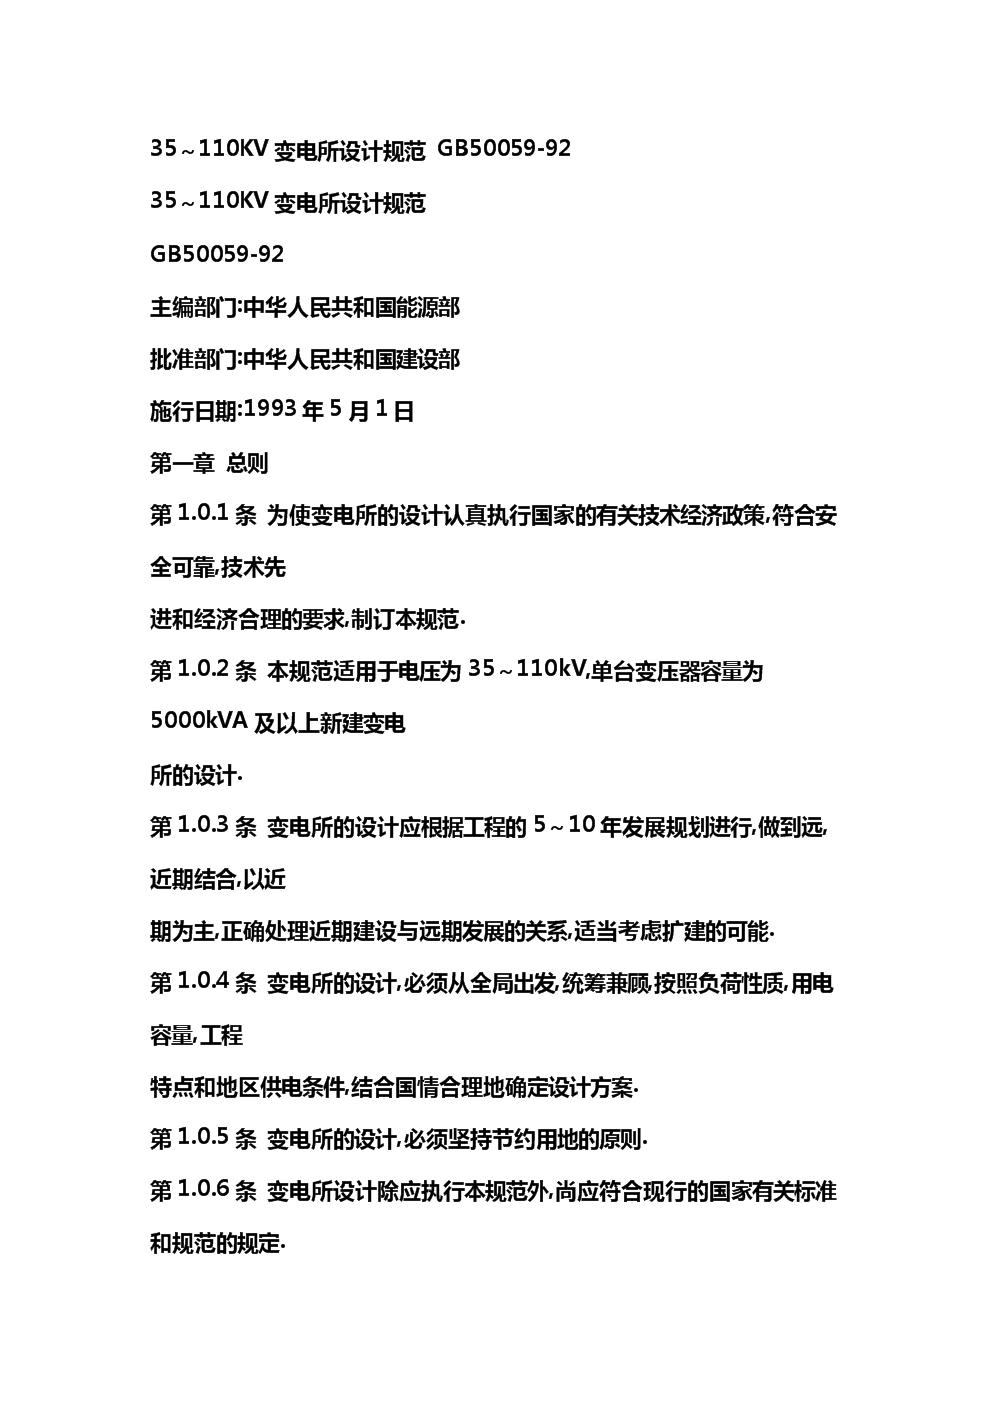 变电站设计规范.doc